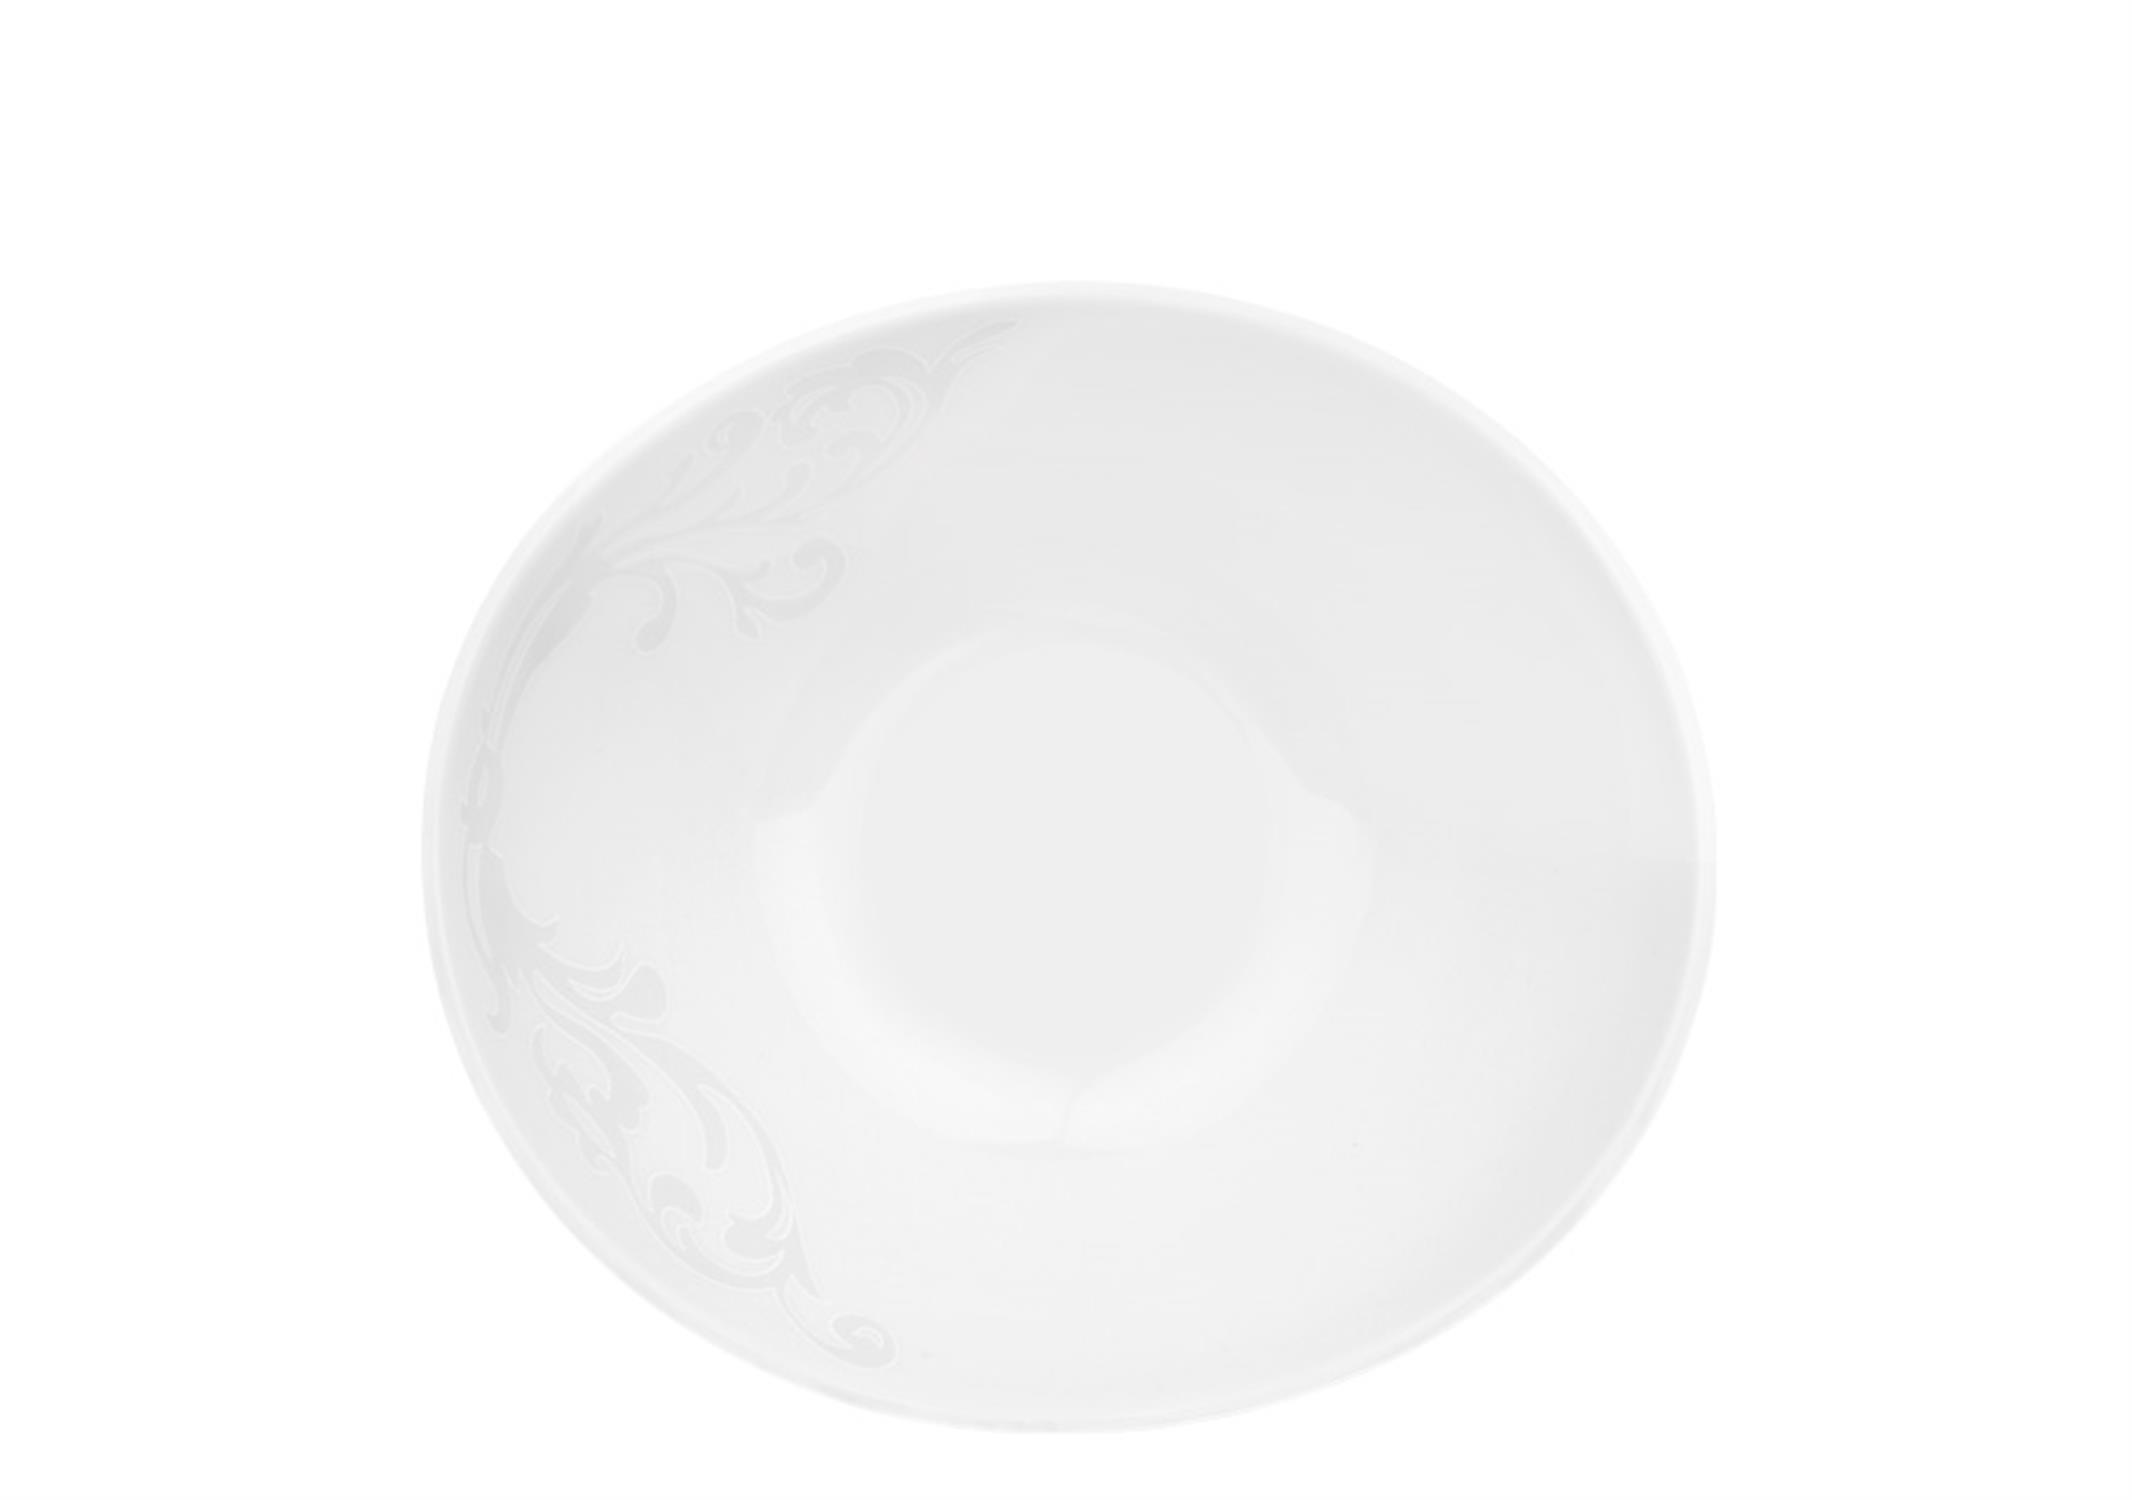 Πιάτο βαθύ οβάλ 18cm από πορσελάνη Romance ΙΩΝΙΑ